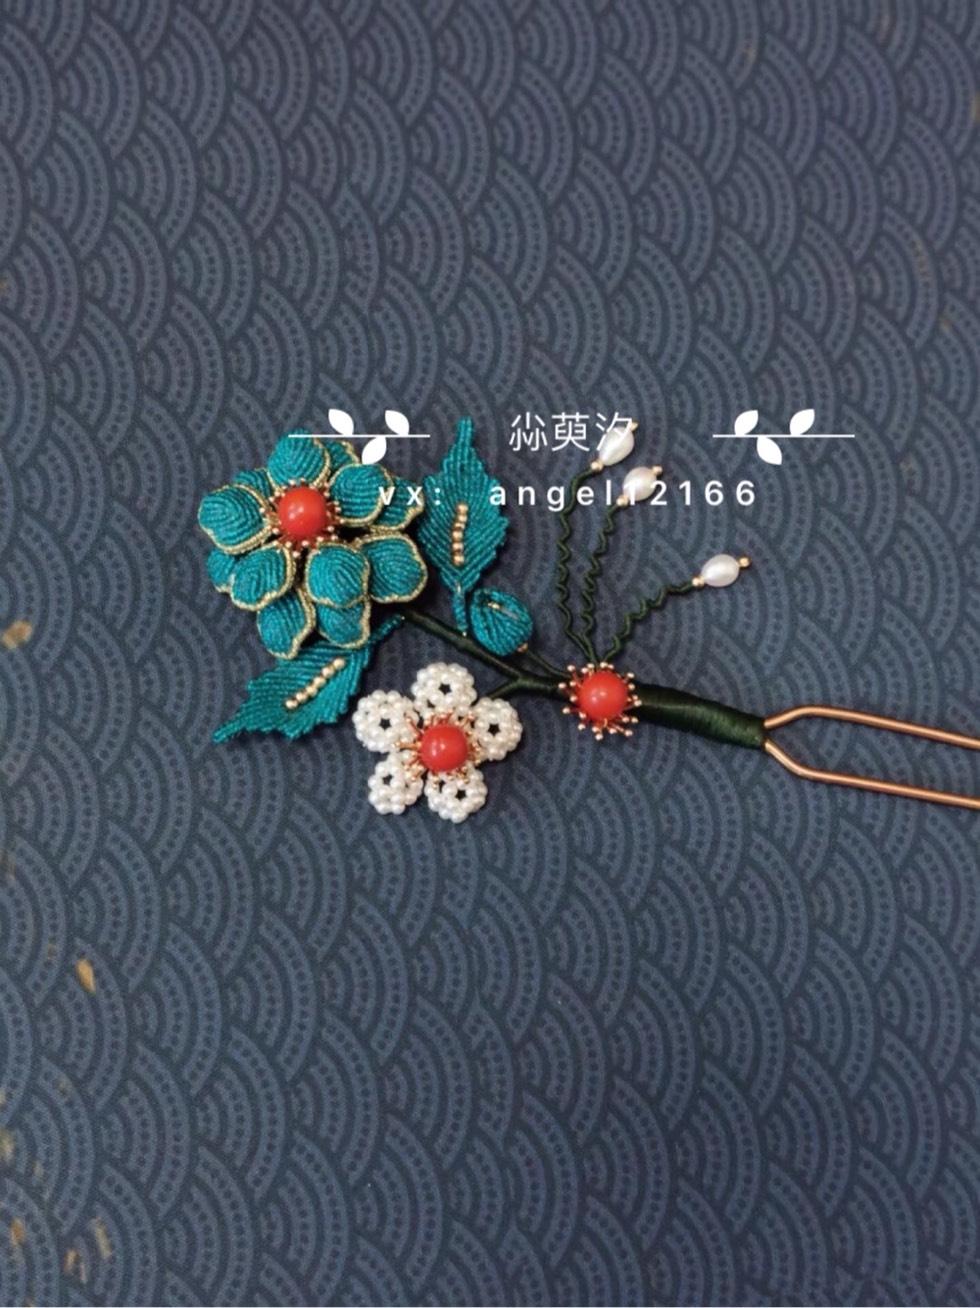 中国结论坛 仿点翠花簪系列 系列,翠花,点翠 作品展示 163822h2z702maa1pwr0rw